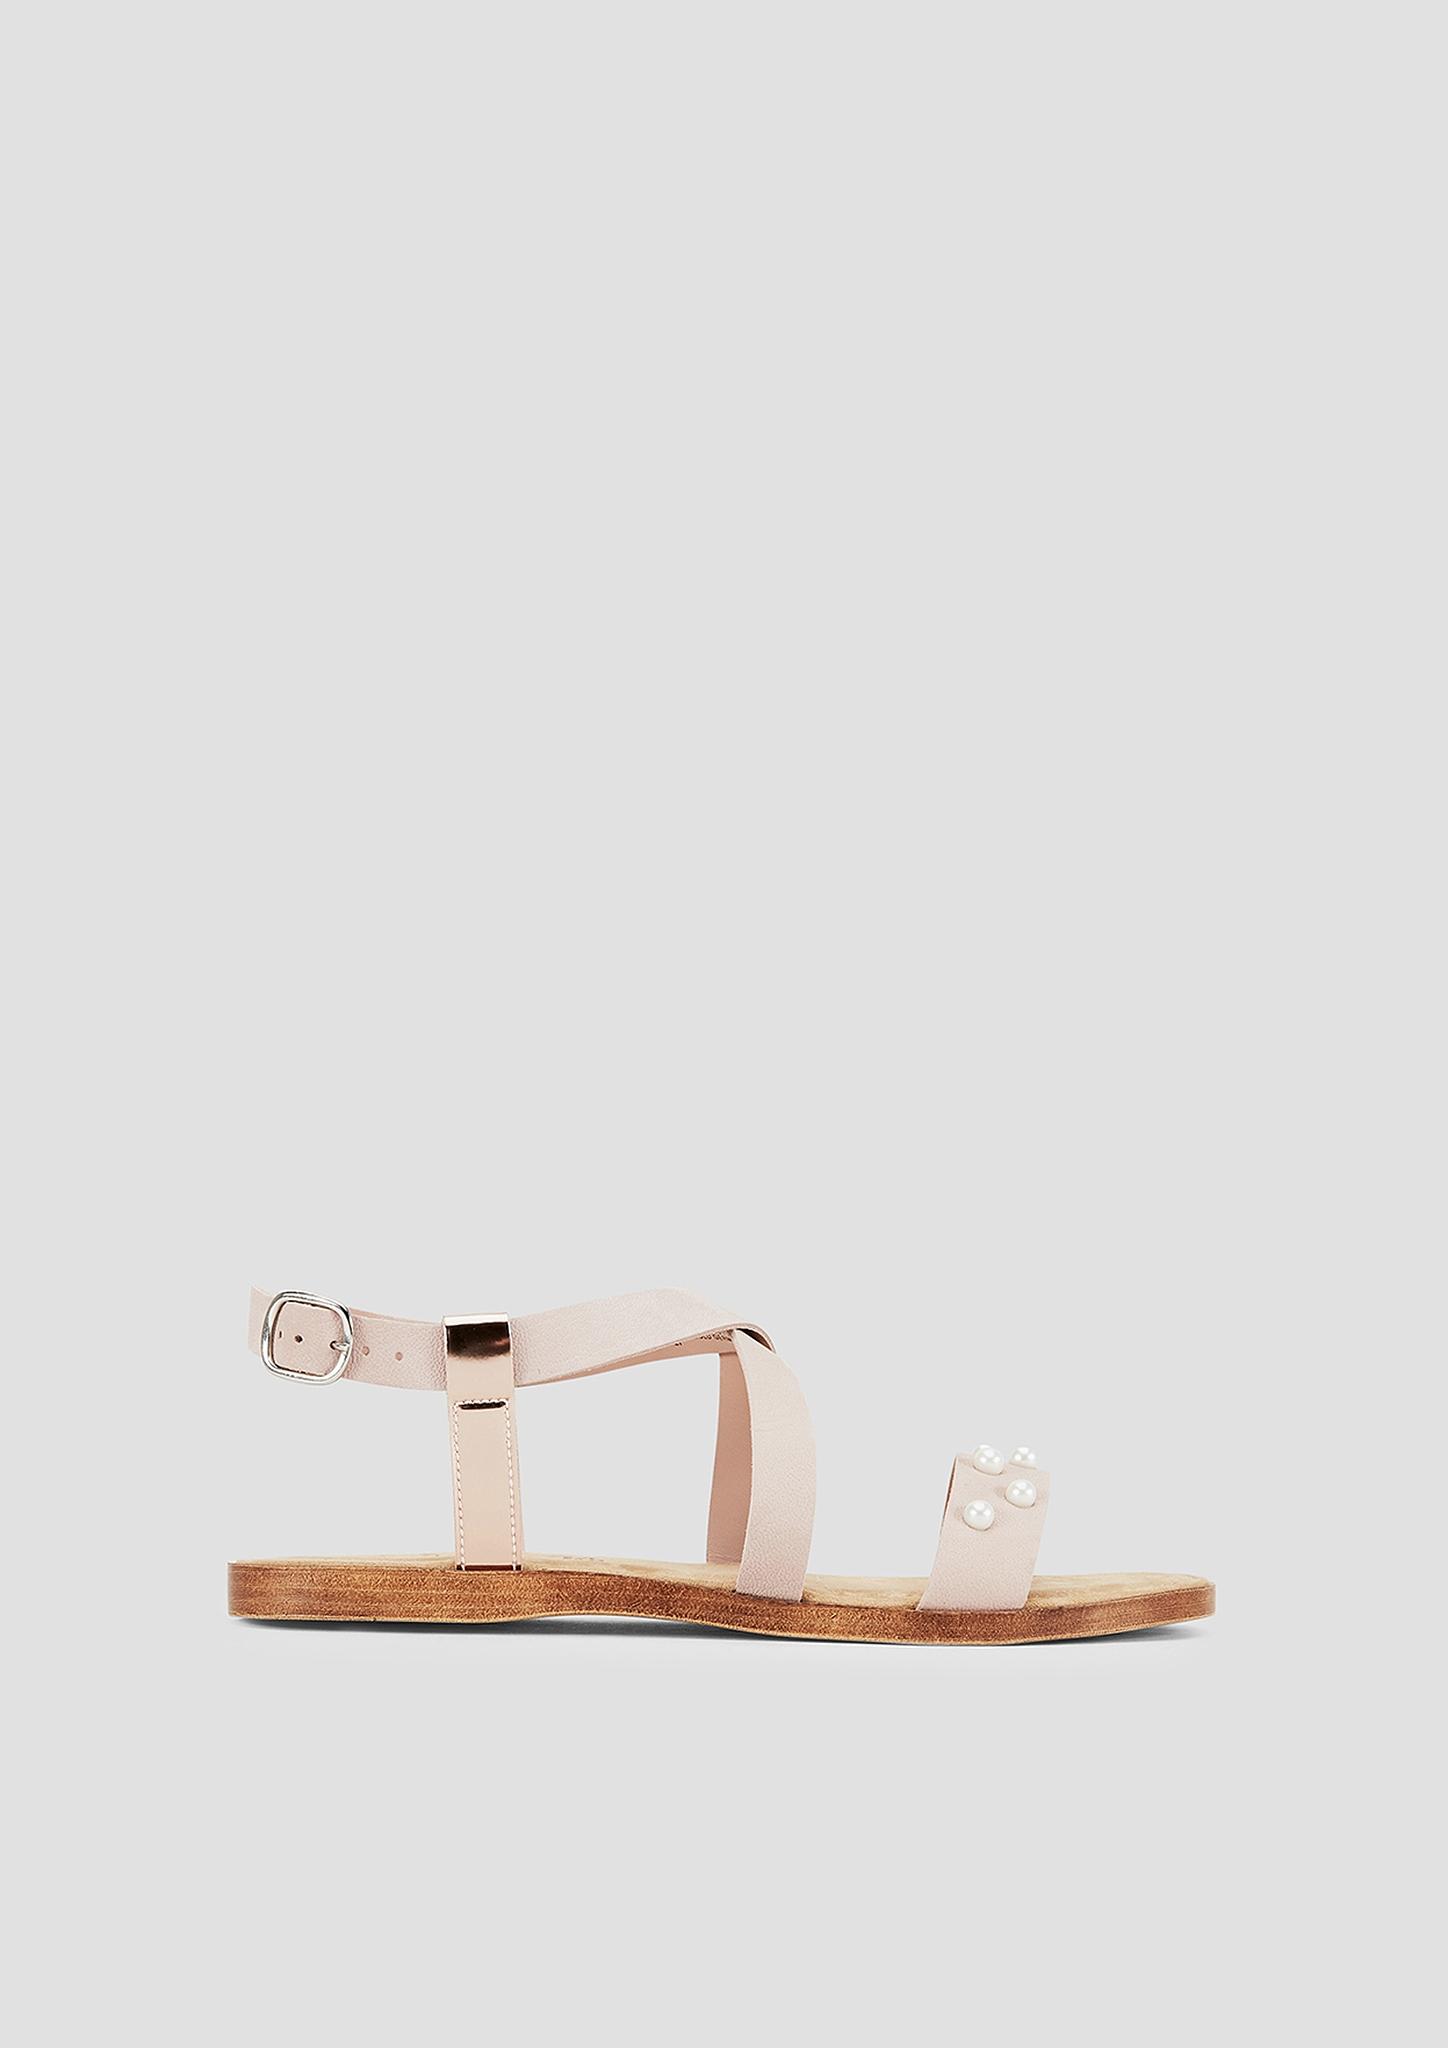 Merken Zum Artikel Riemensandalen   Schuhe   Sandalen   Zehentrenner    Römersandalen   Grau schwarz   Obermaterial aus 1b9e55be4b